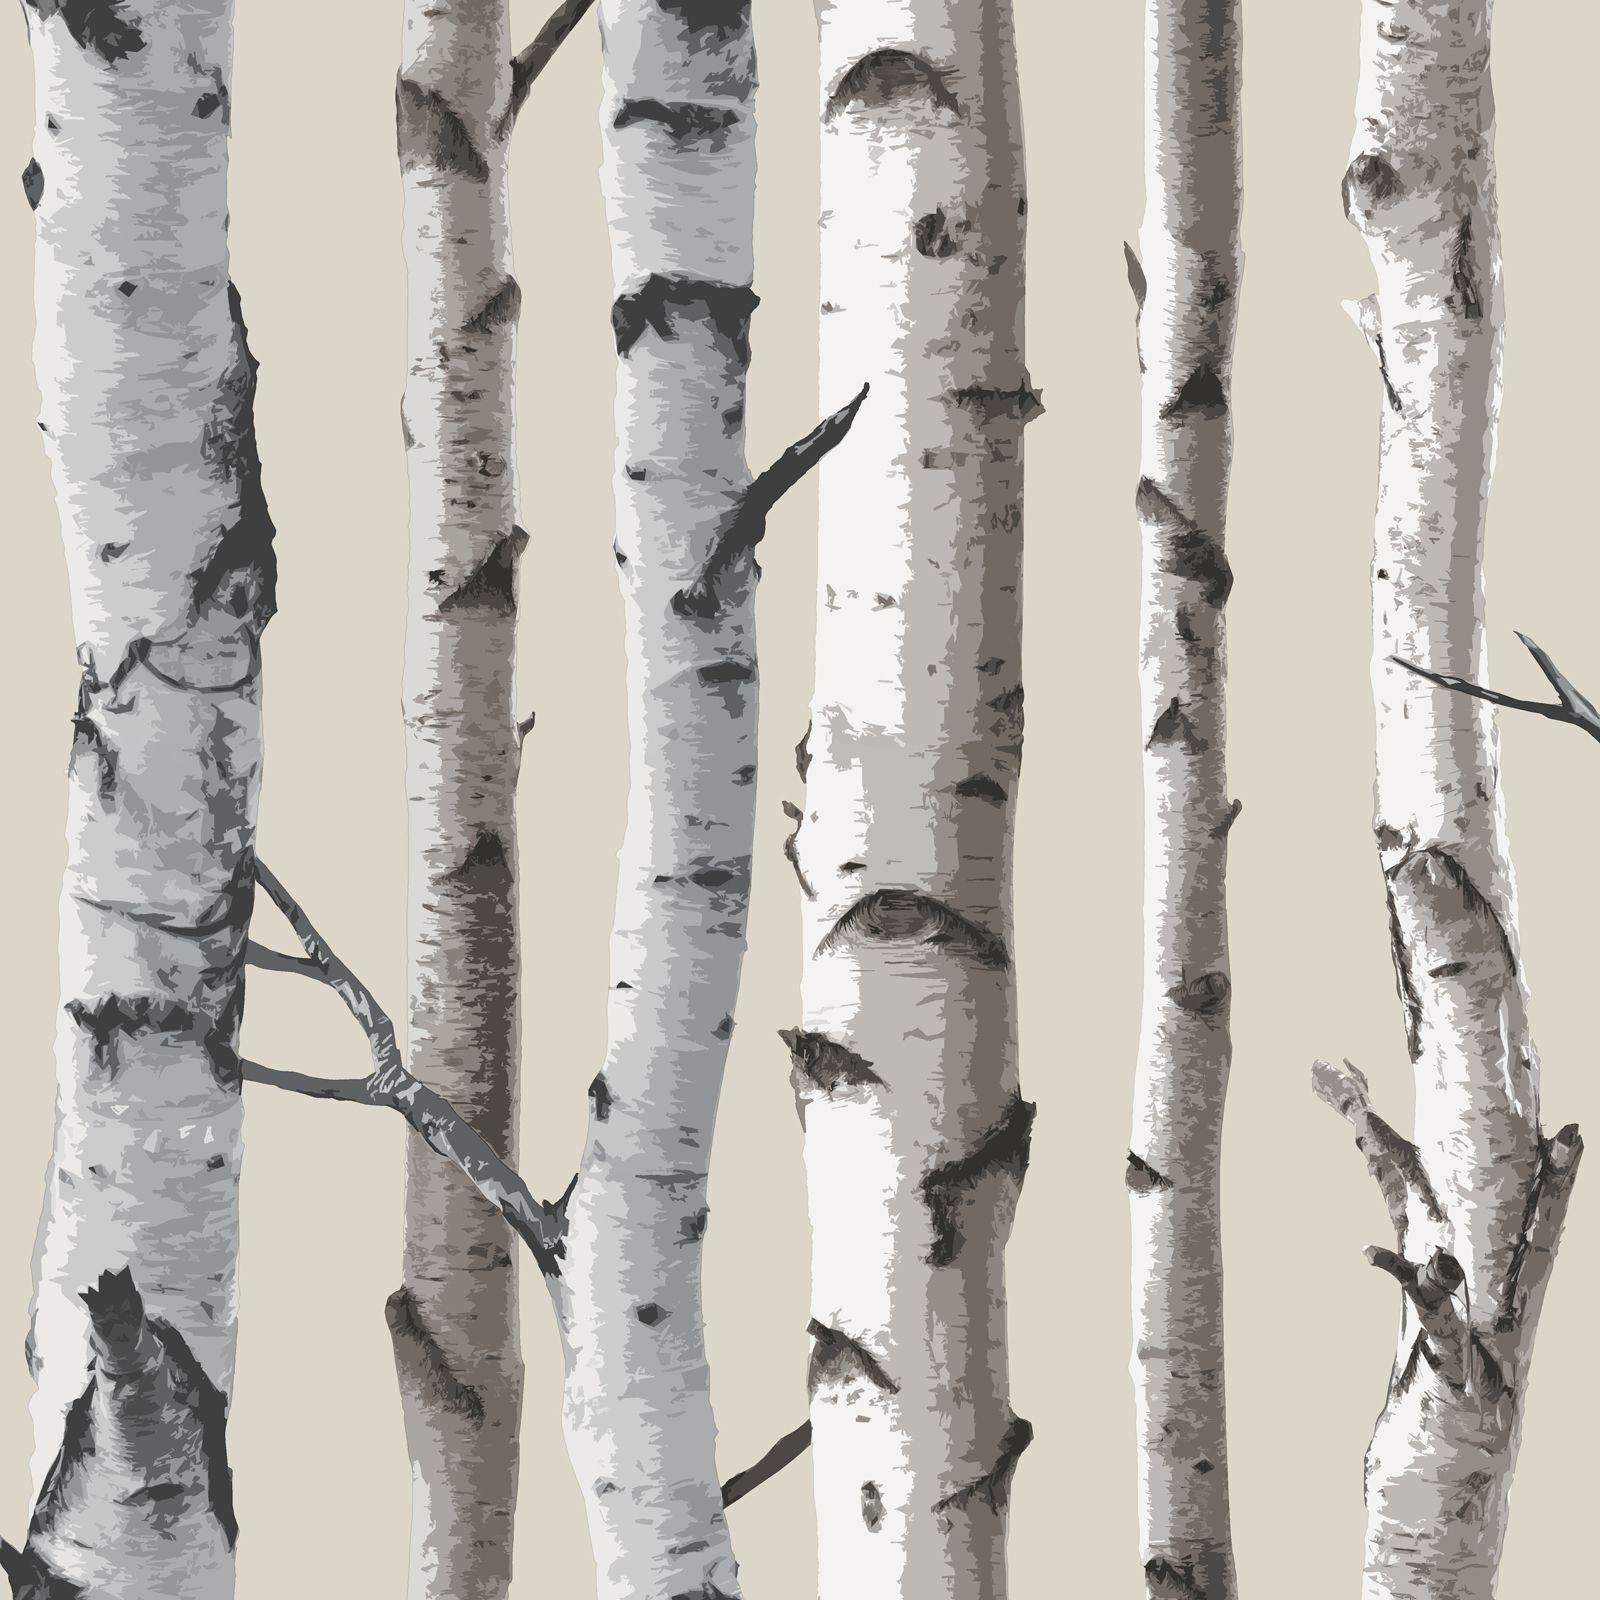 FINE DECOR BIRCH TREES 10m FOREST WALLPAPER CREAM SILVER